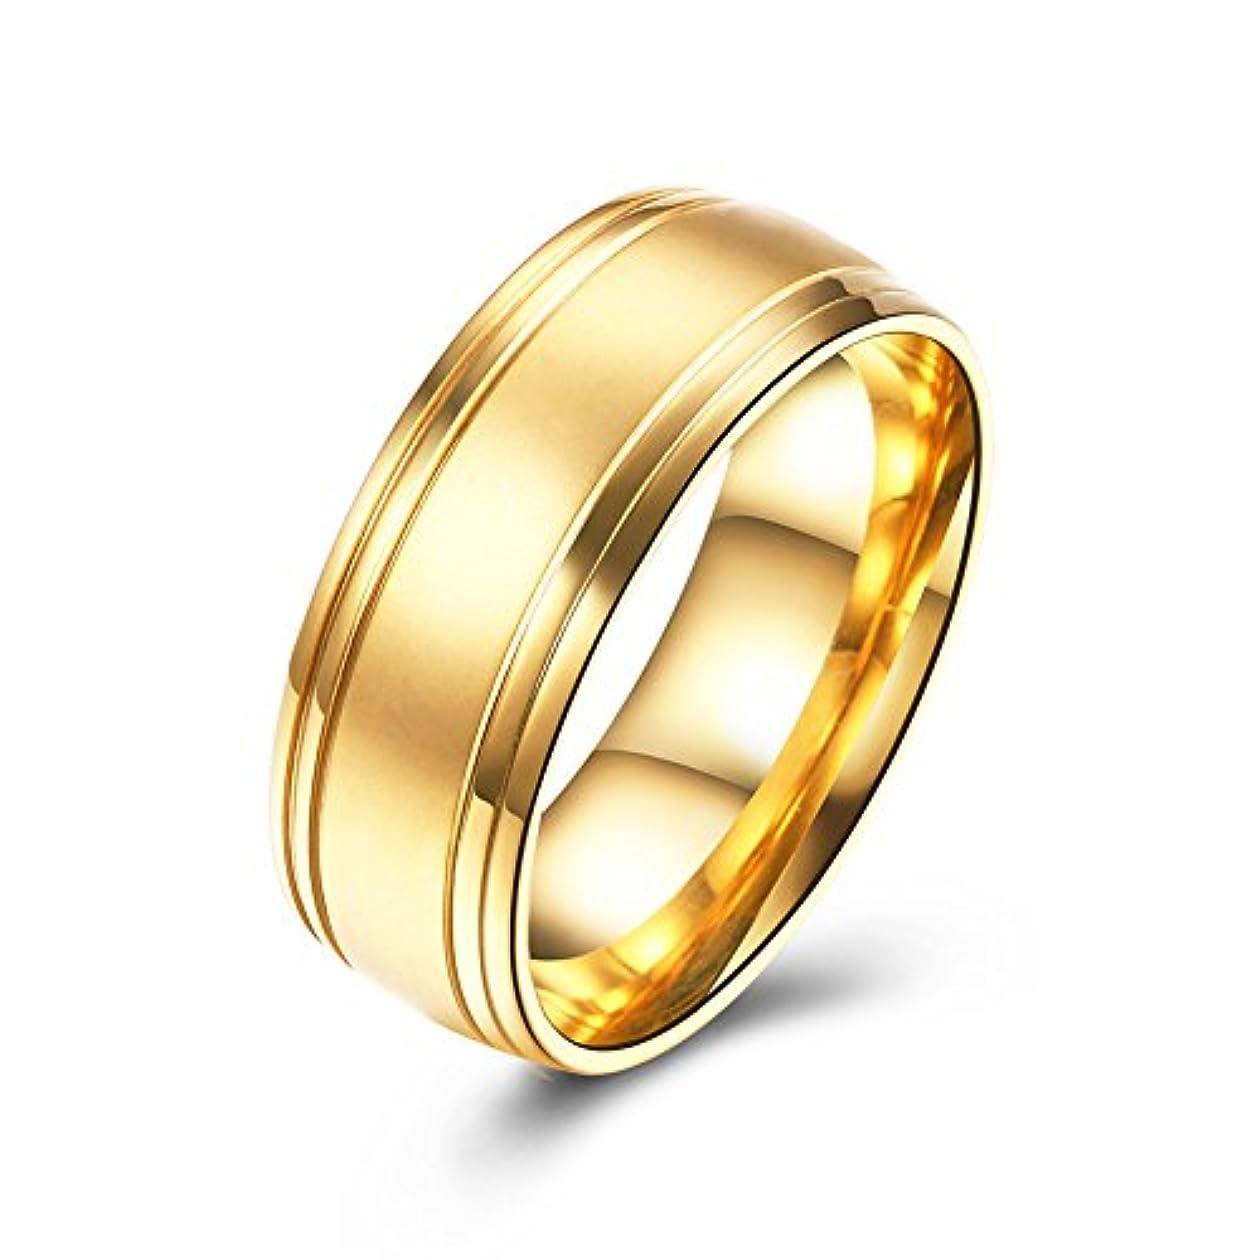 肉のマーティンルーサーキングジュニアファウル流行アクセサリー バレンタインデーのカップルの指輪 ステンレススタンダードリング アレルギーを防ぐ 色あせない